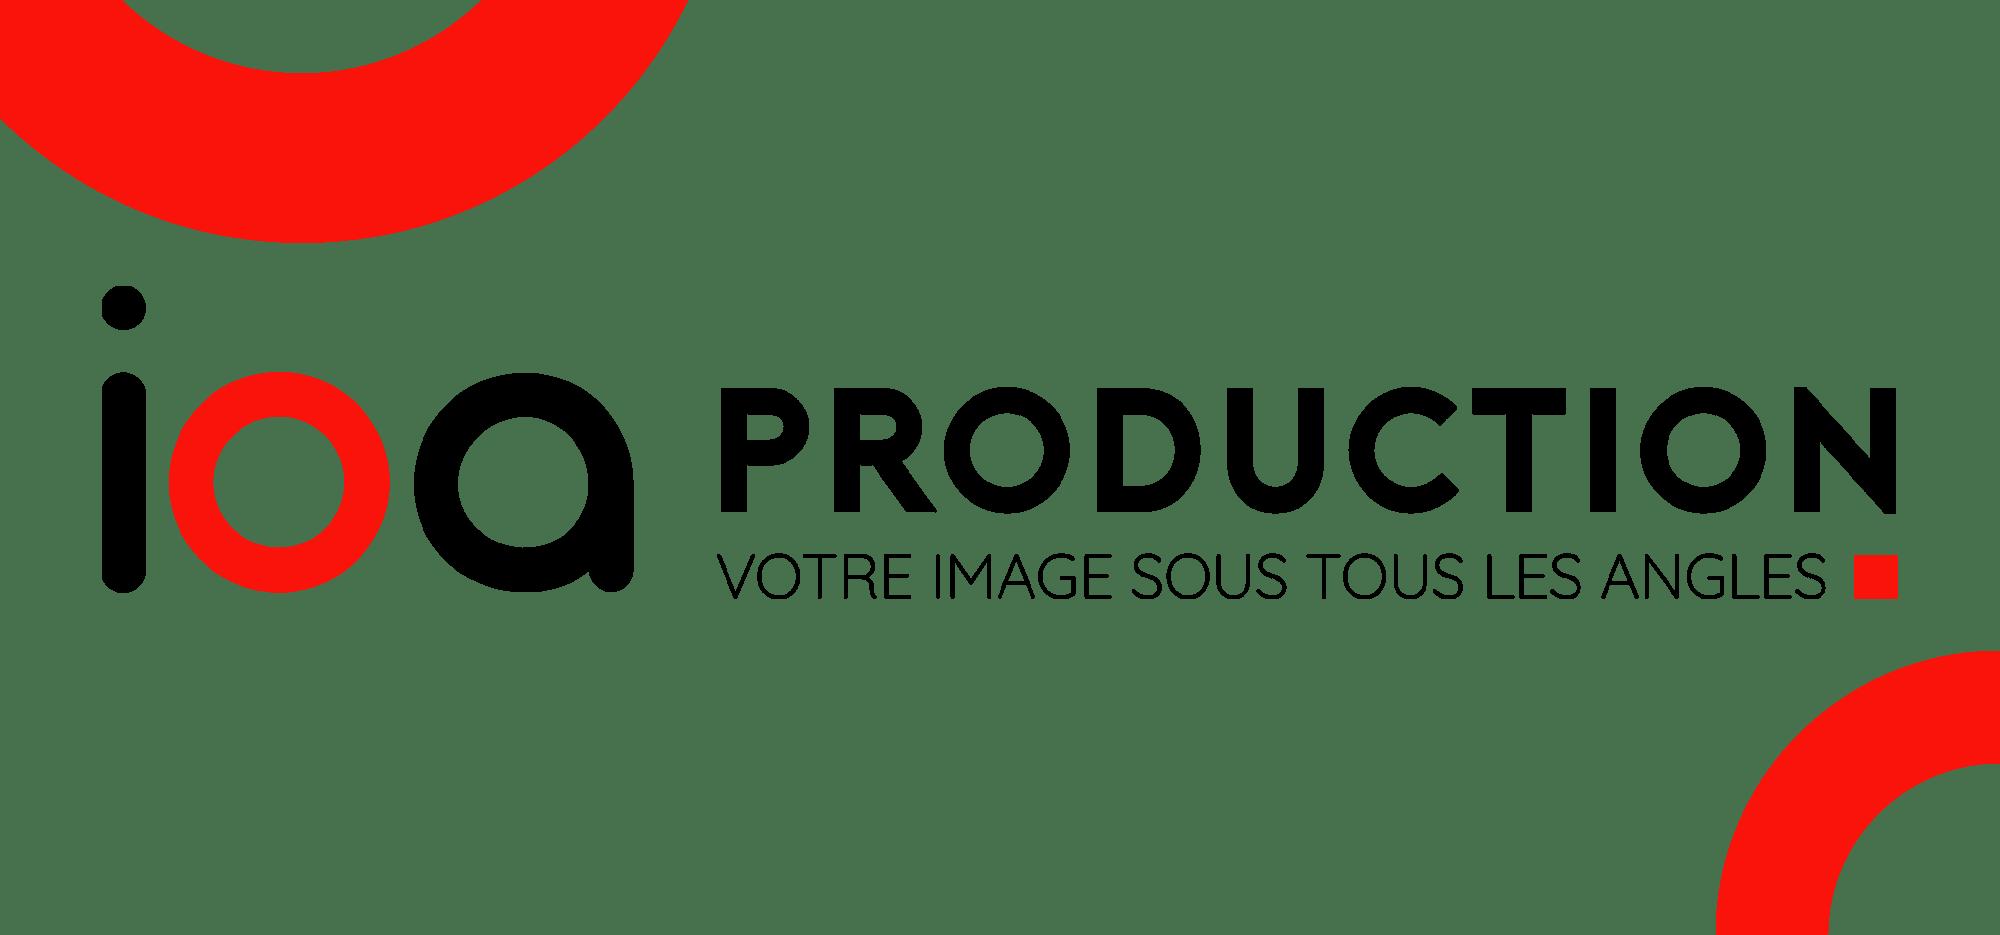 Nom de marque et identité graphique de IOA PRODUCTION créé par EKELA